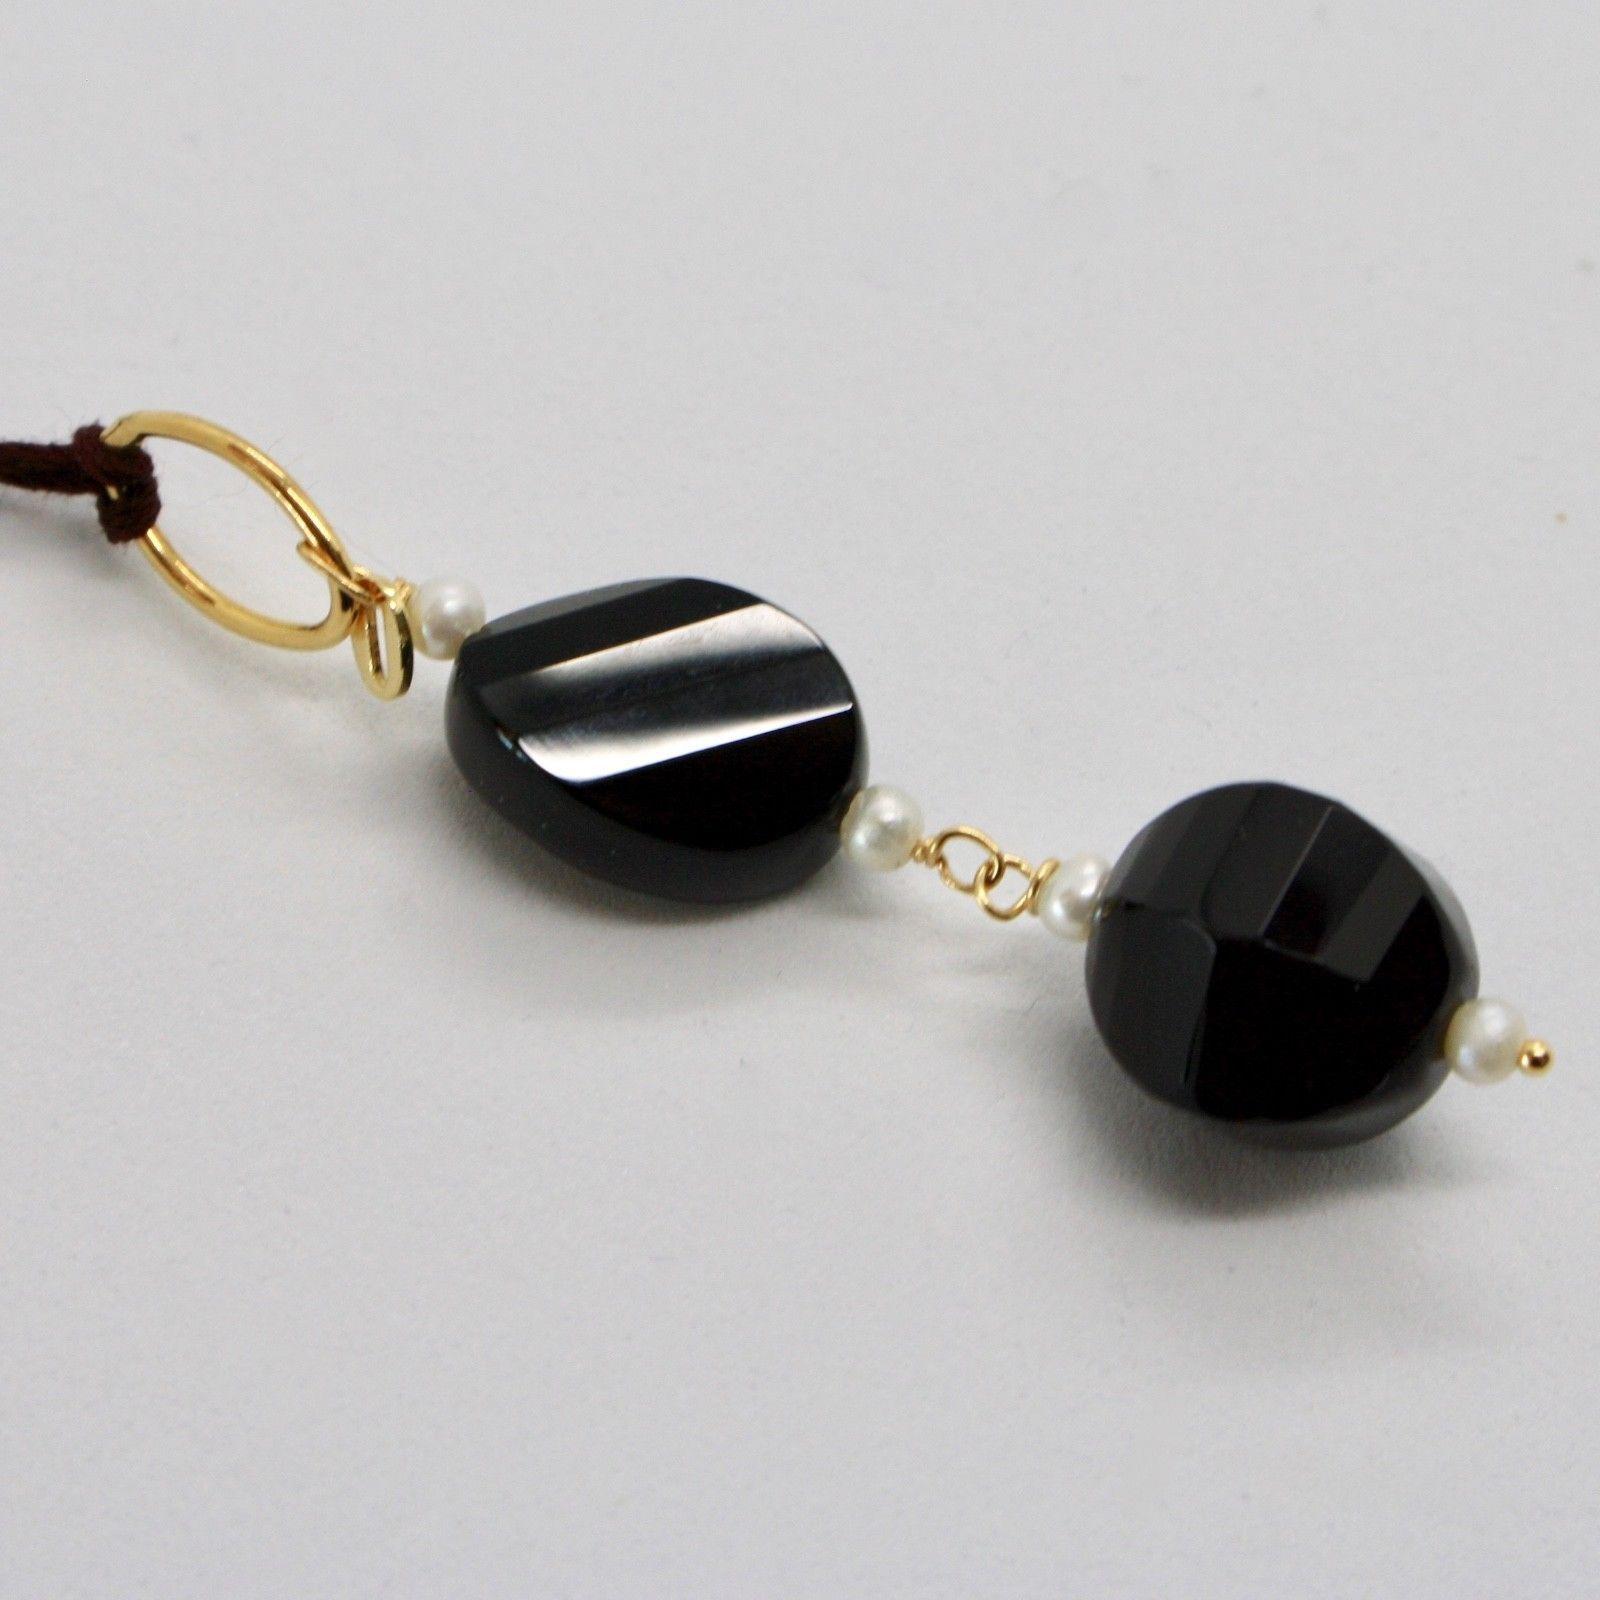 Pendentif en or Jaune 18K 750 Onyx Noir Et Mini Perles De D'Eau Douce